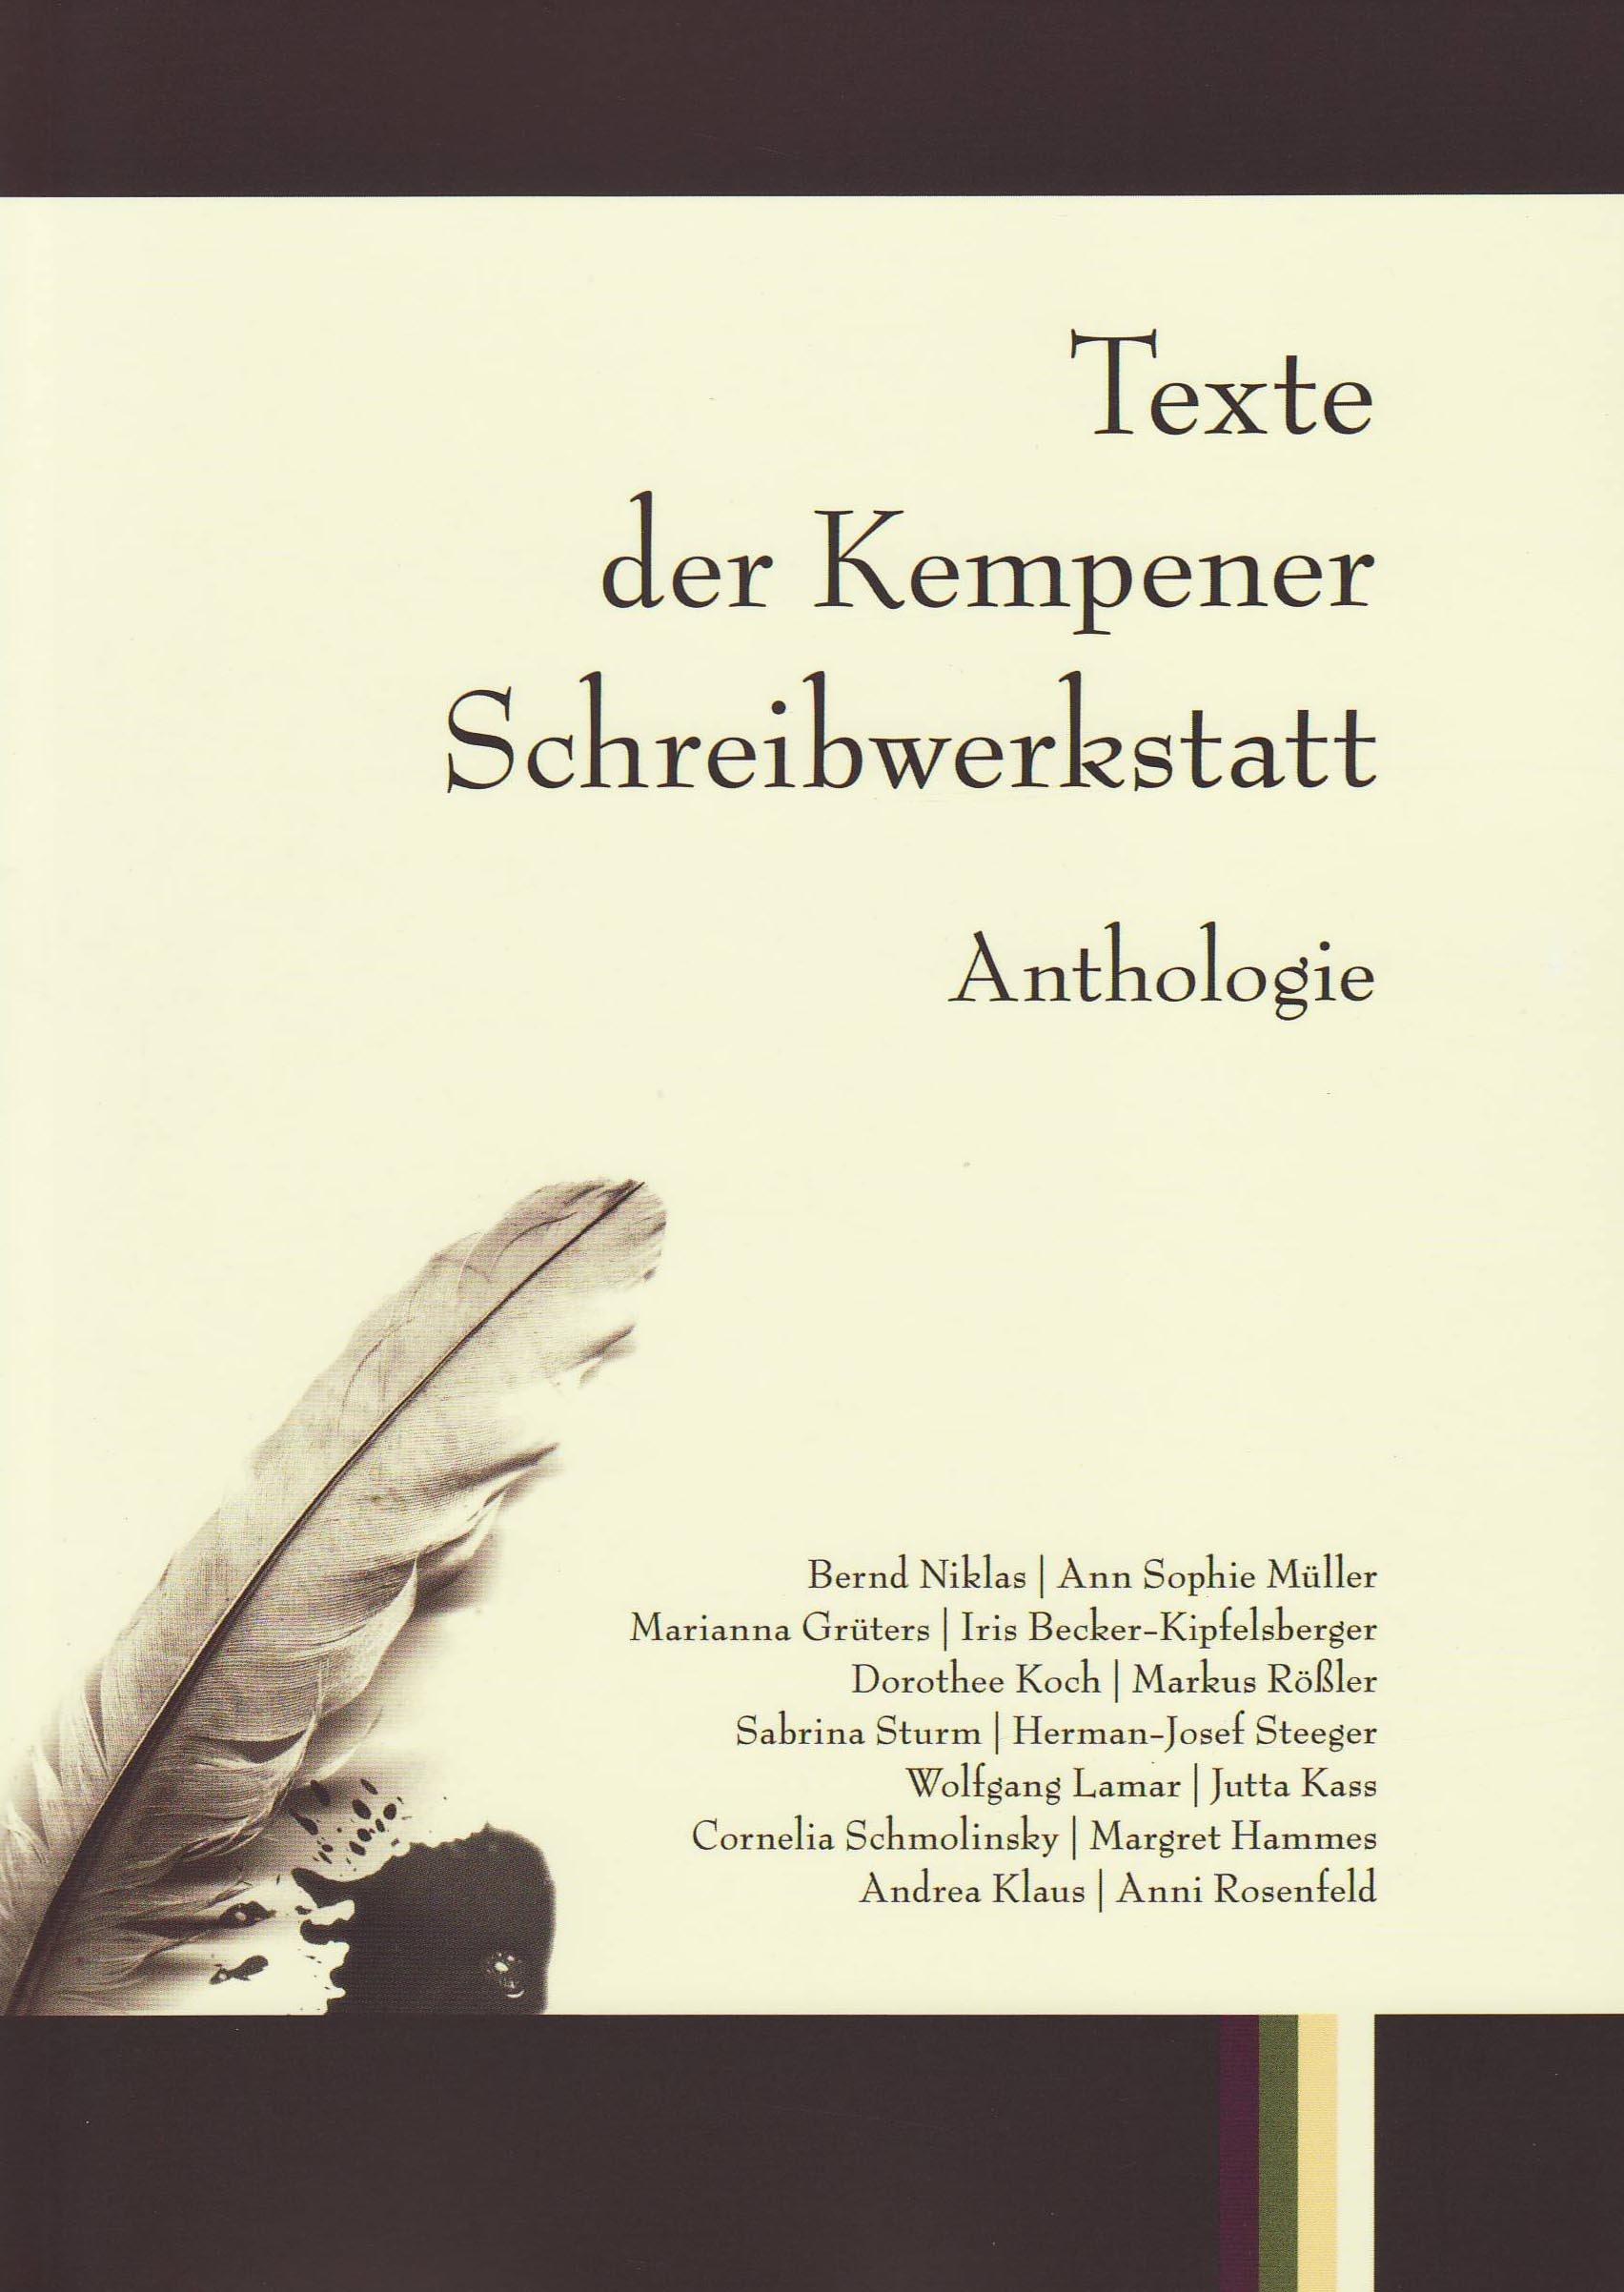 Texte der Kempener Schreibwerkstatt: Anthologie